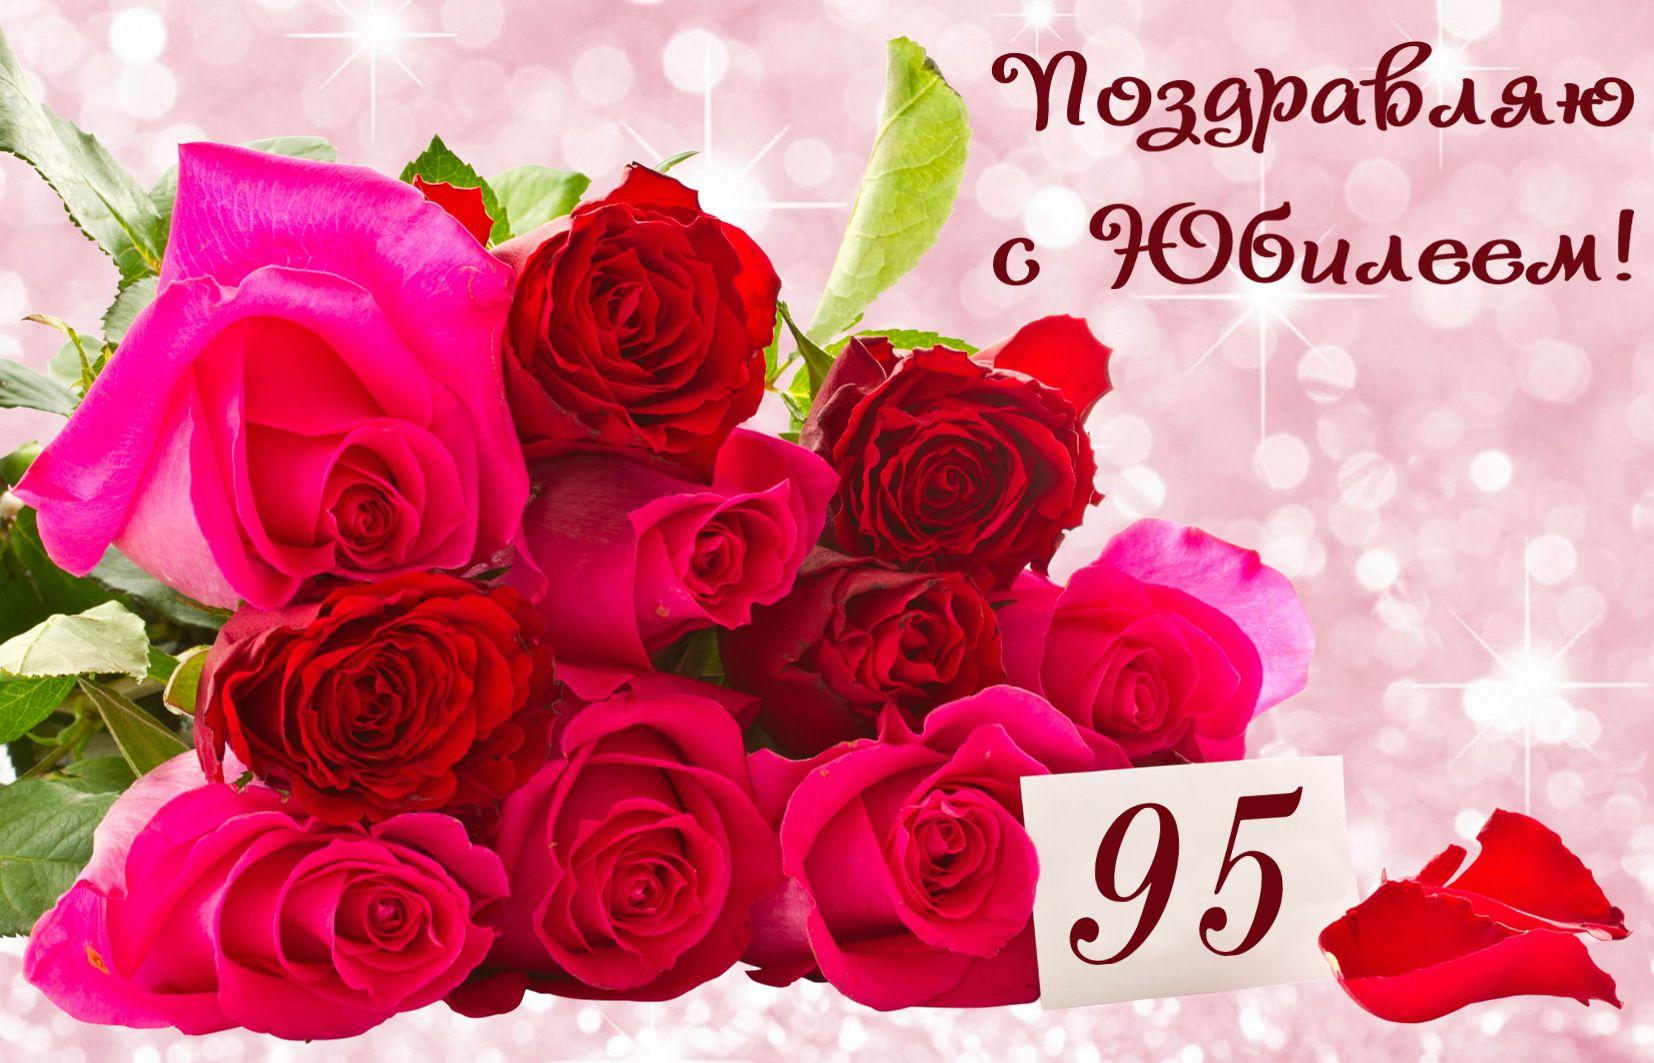 Поздравление и красивые розы к юбилею 95 лет